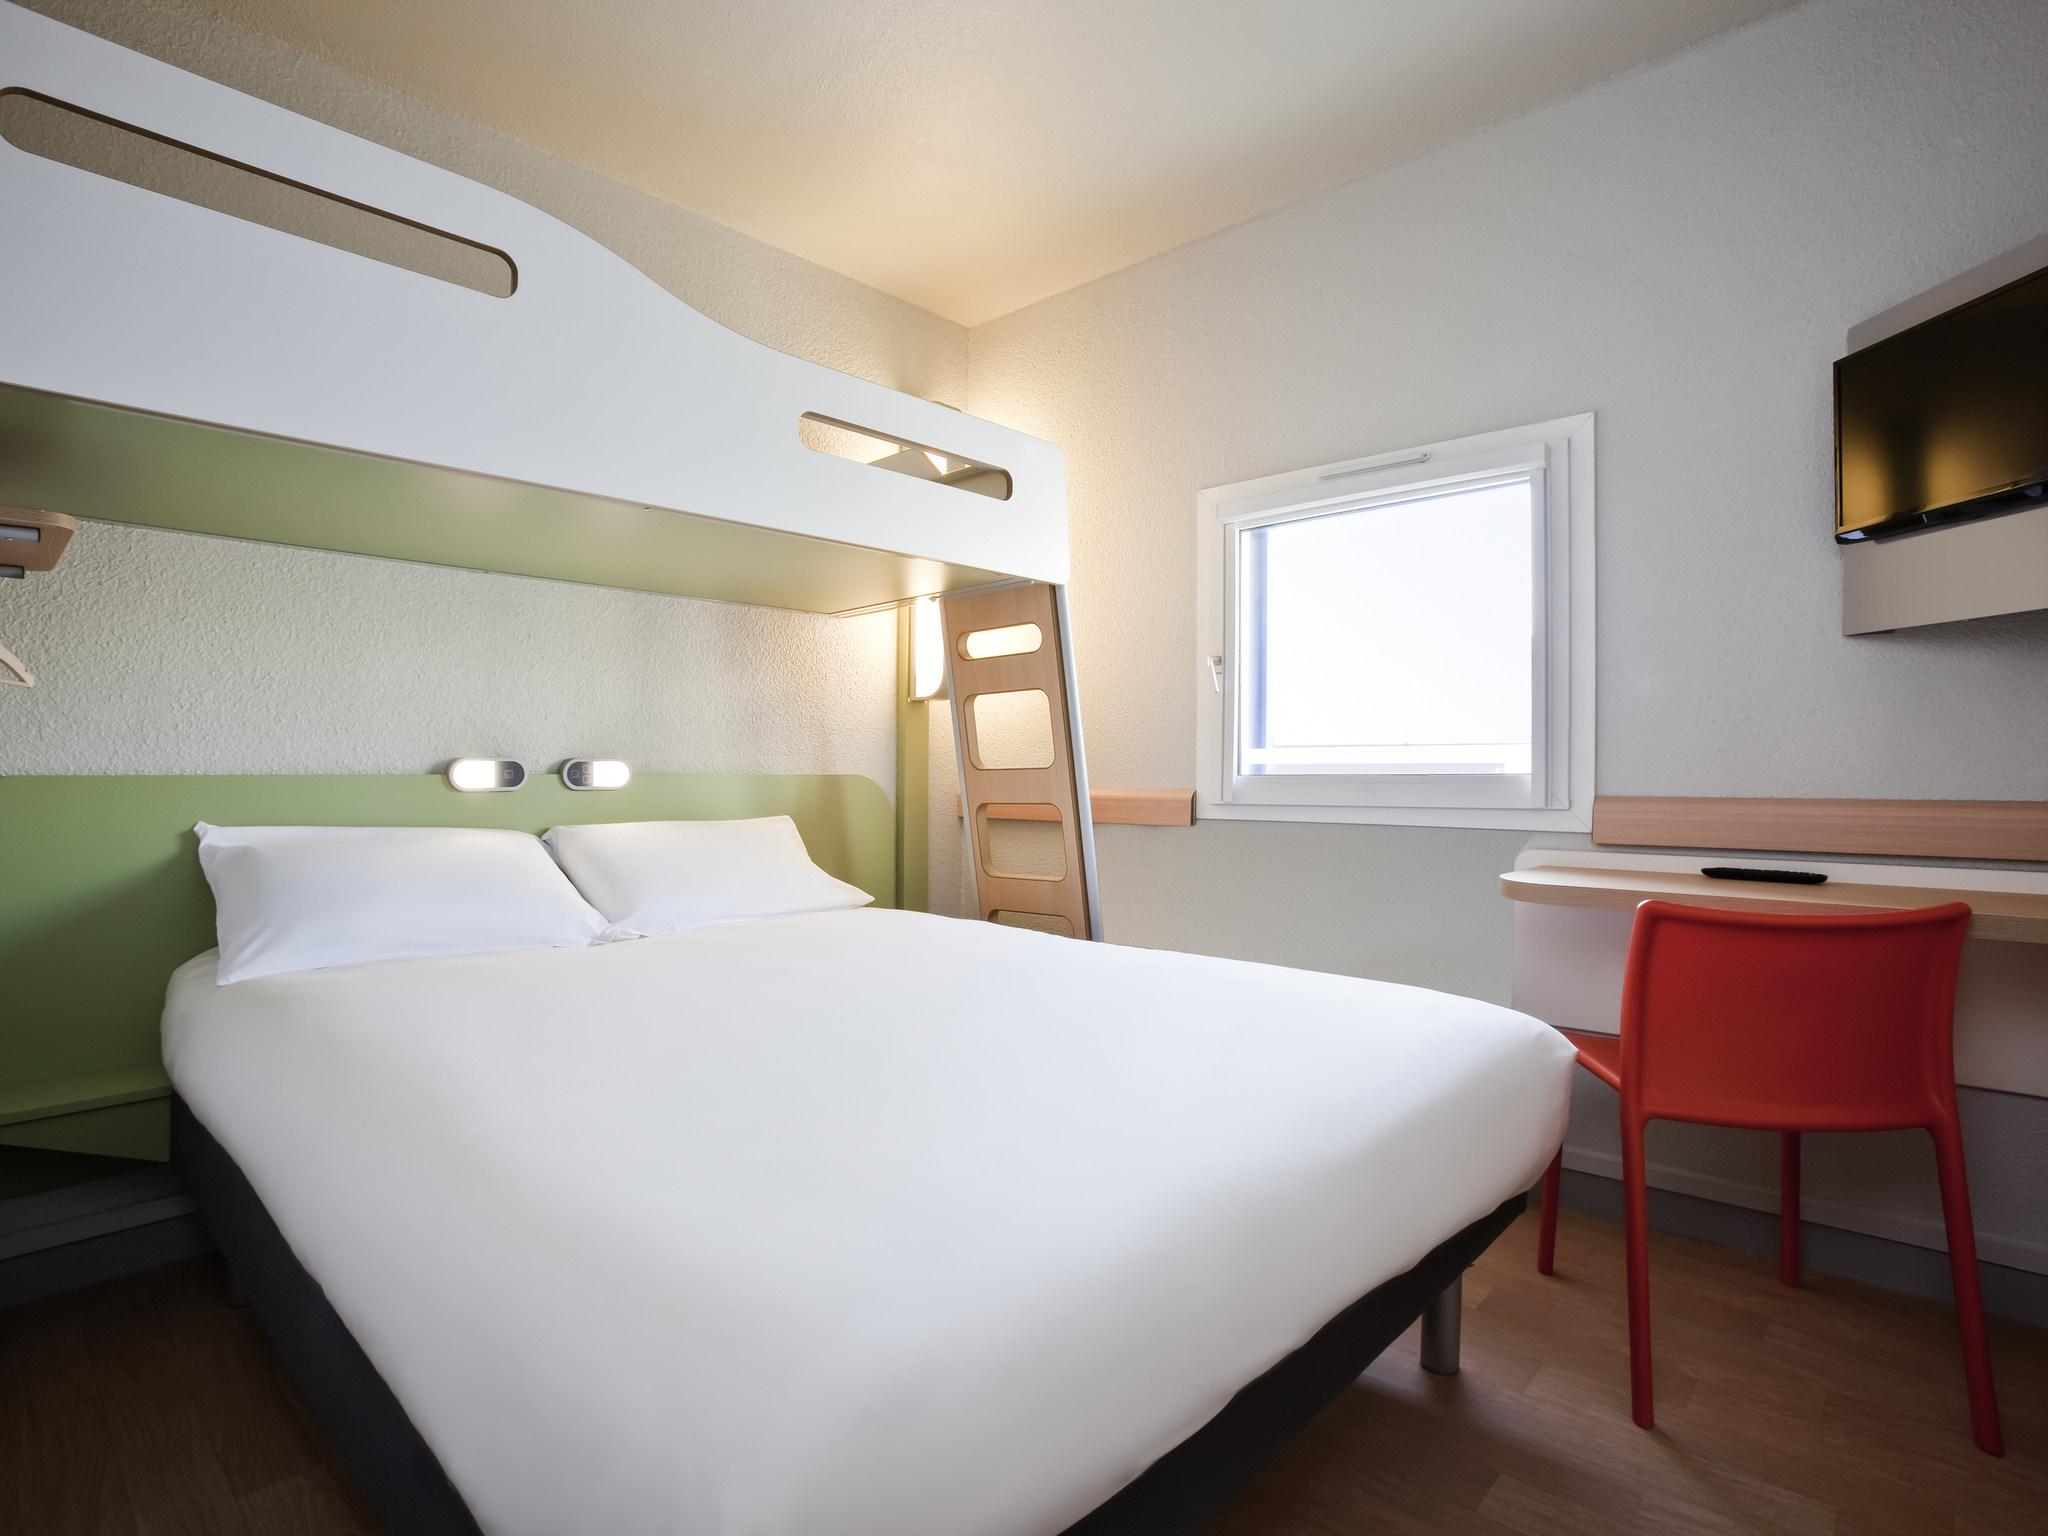 โรงแรม – ibis budget Pontault-Combault RN4 Marne-la-Vallée